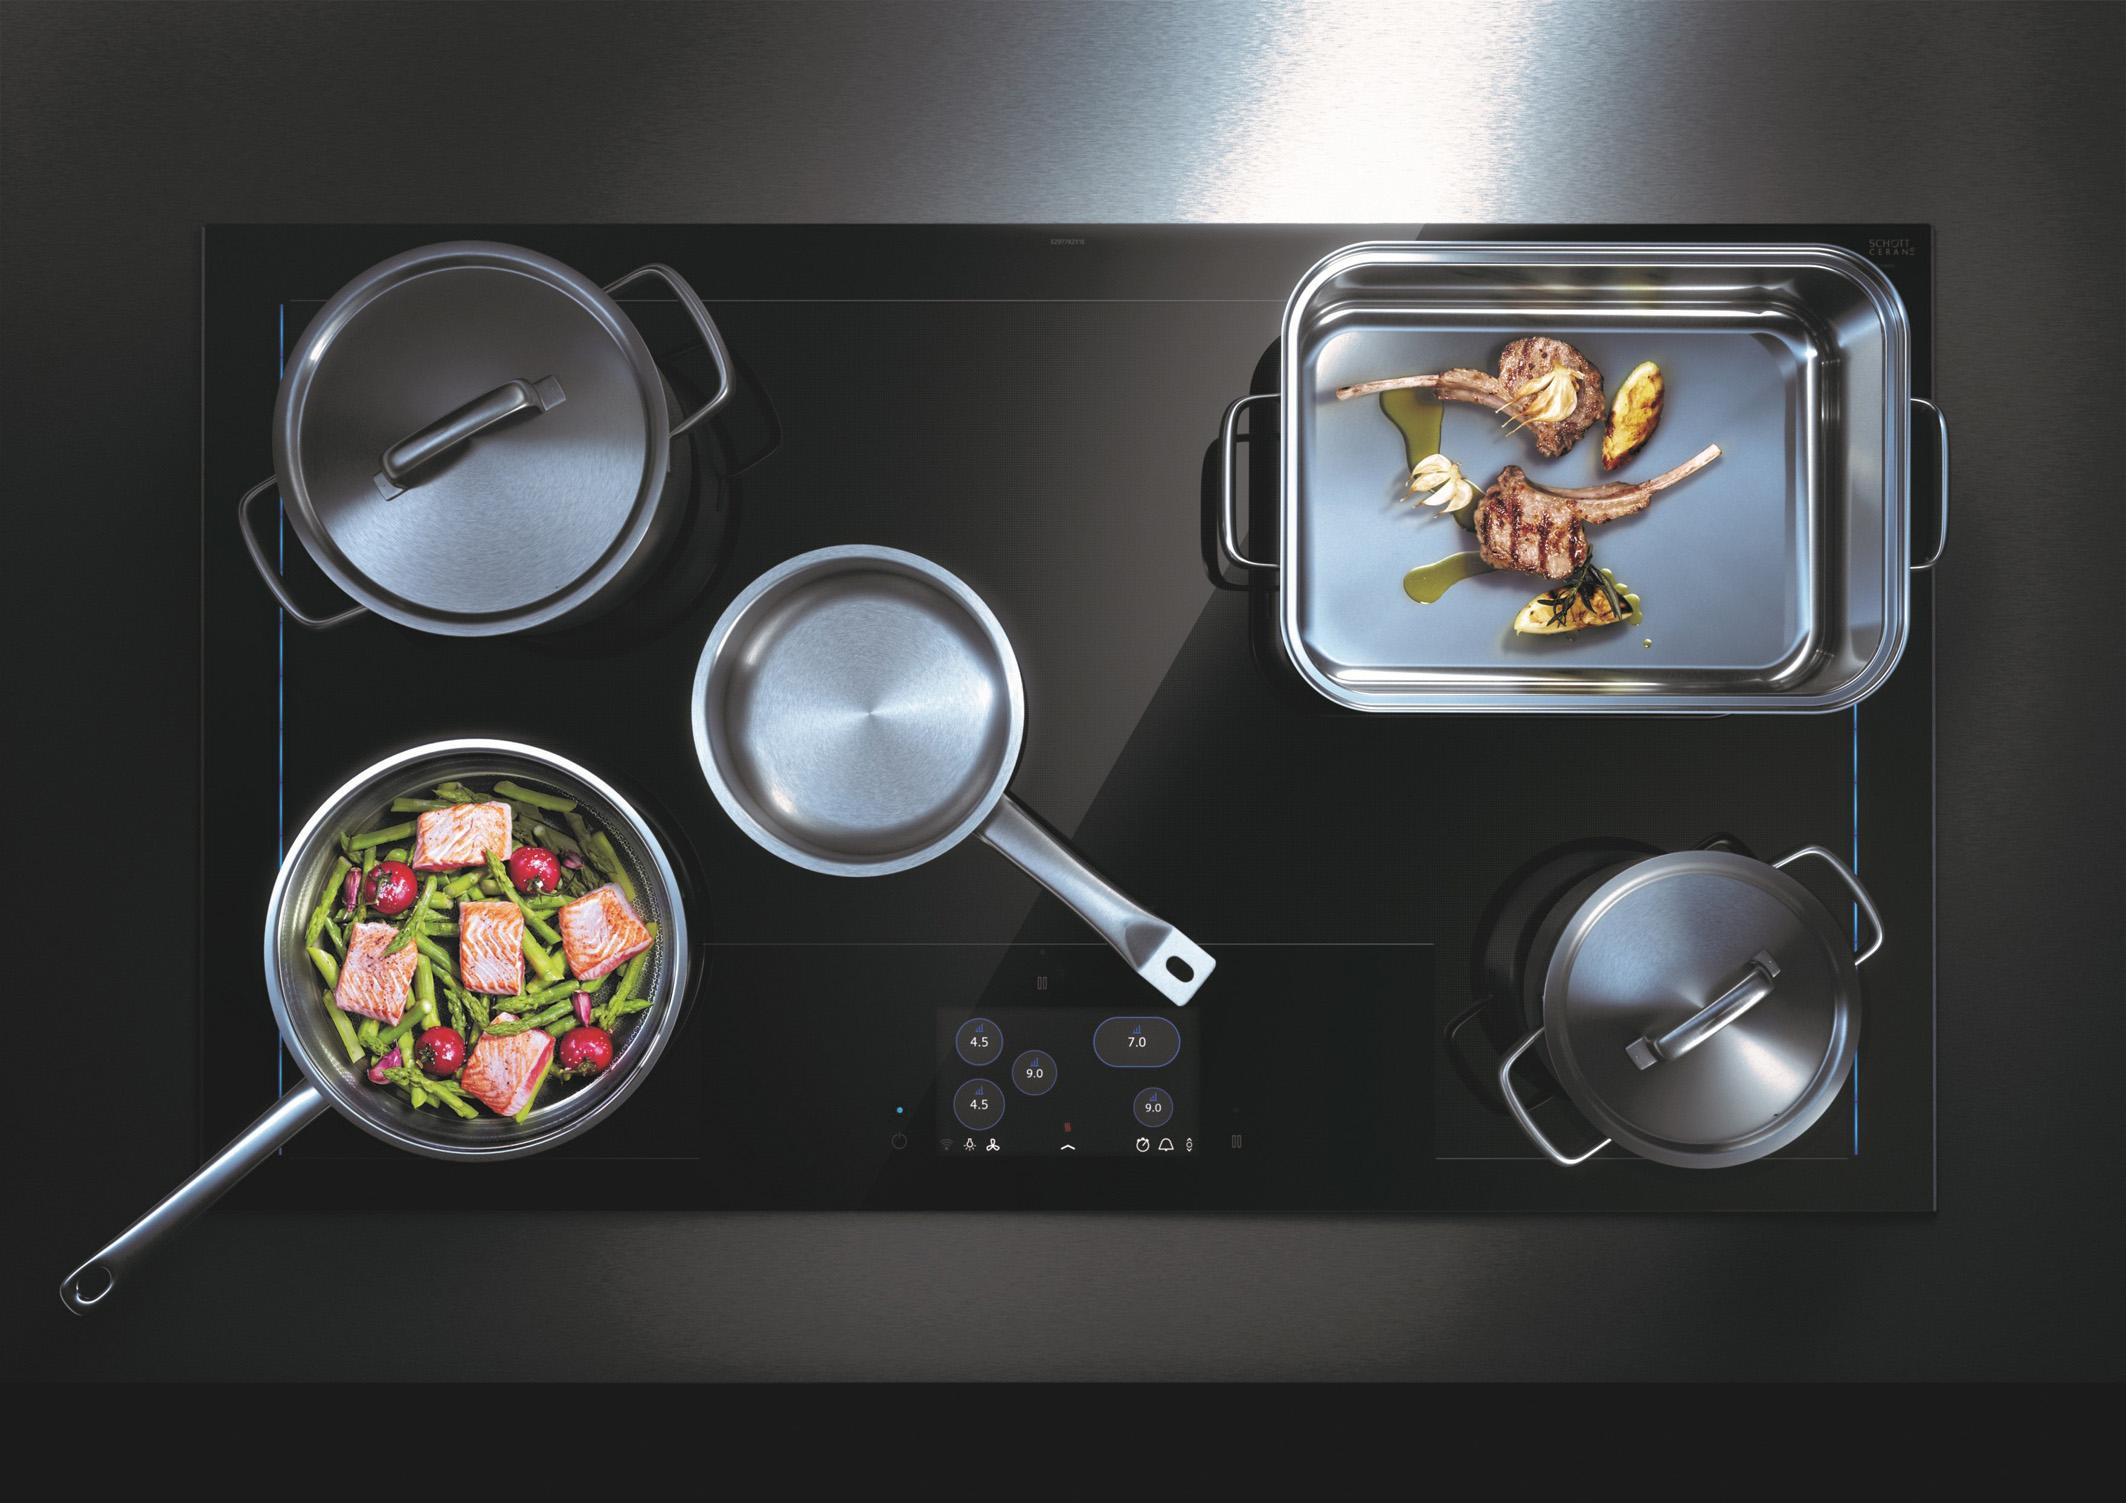 Beim Induktionskochfeld kochen Speisen schneller und Vitamine bleiben erhalten. © AMK